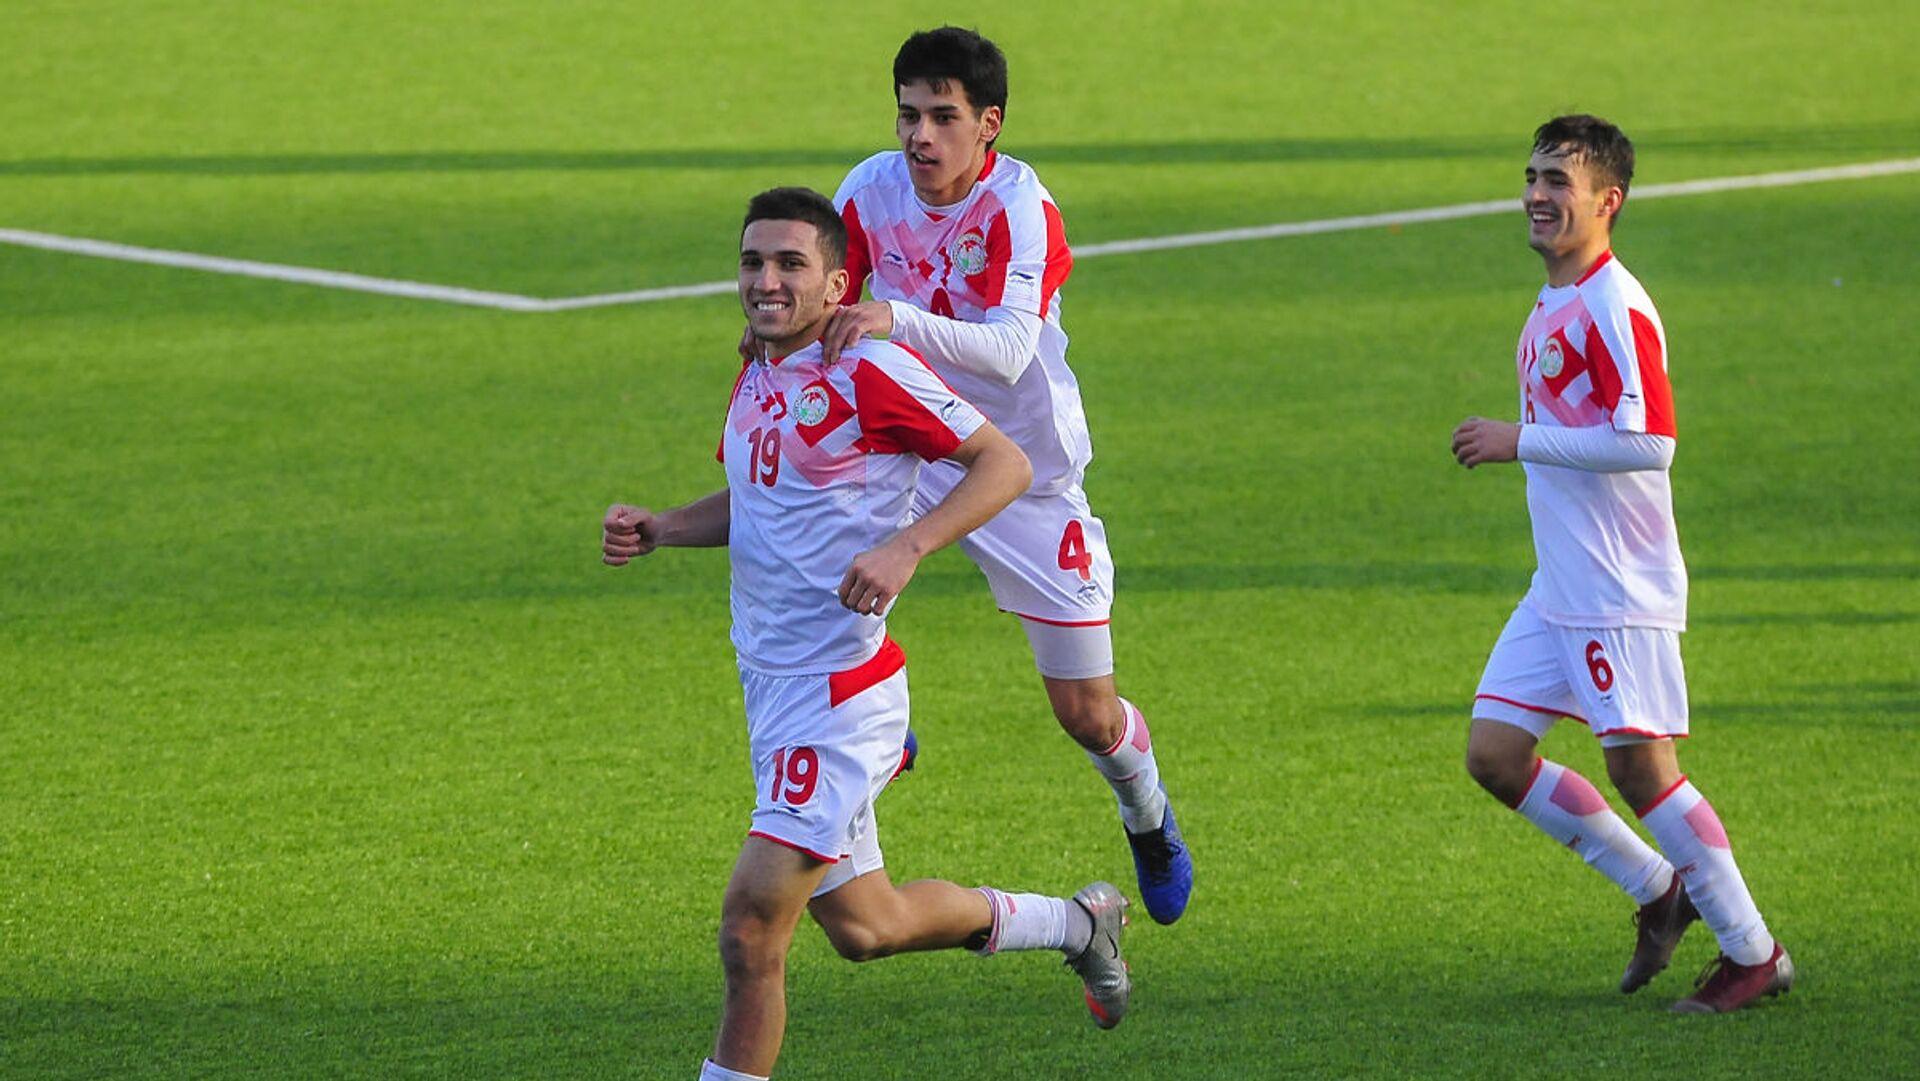 Молодежная сборная Таджикистана (U-19) одержала волевую победу над сверстниками из Ирана - Sputnik Таджикистан, 1920, 02.03.2021